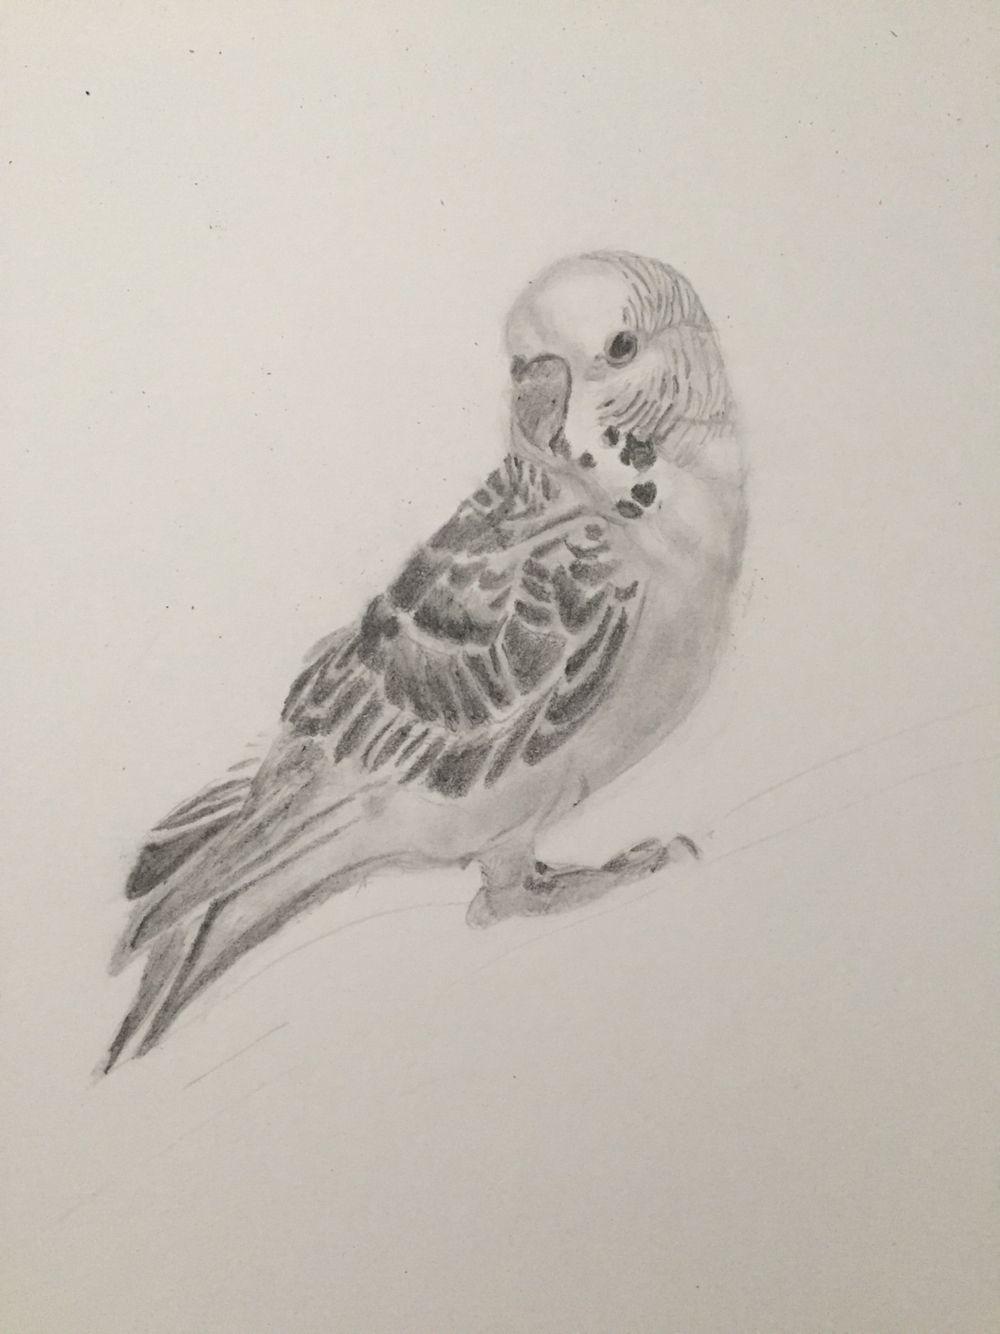 vogel bild ausmalbilder vogel wellensittich